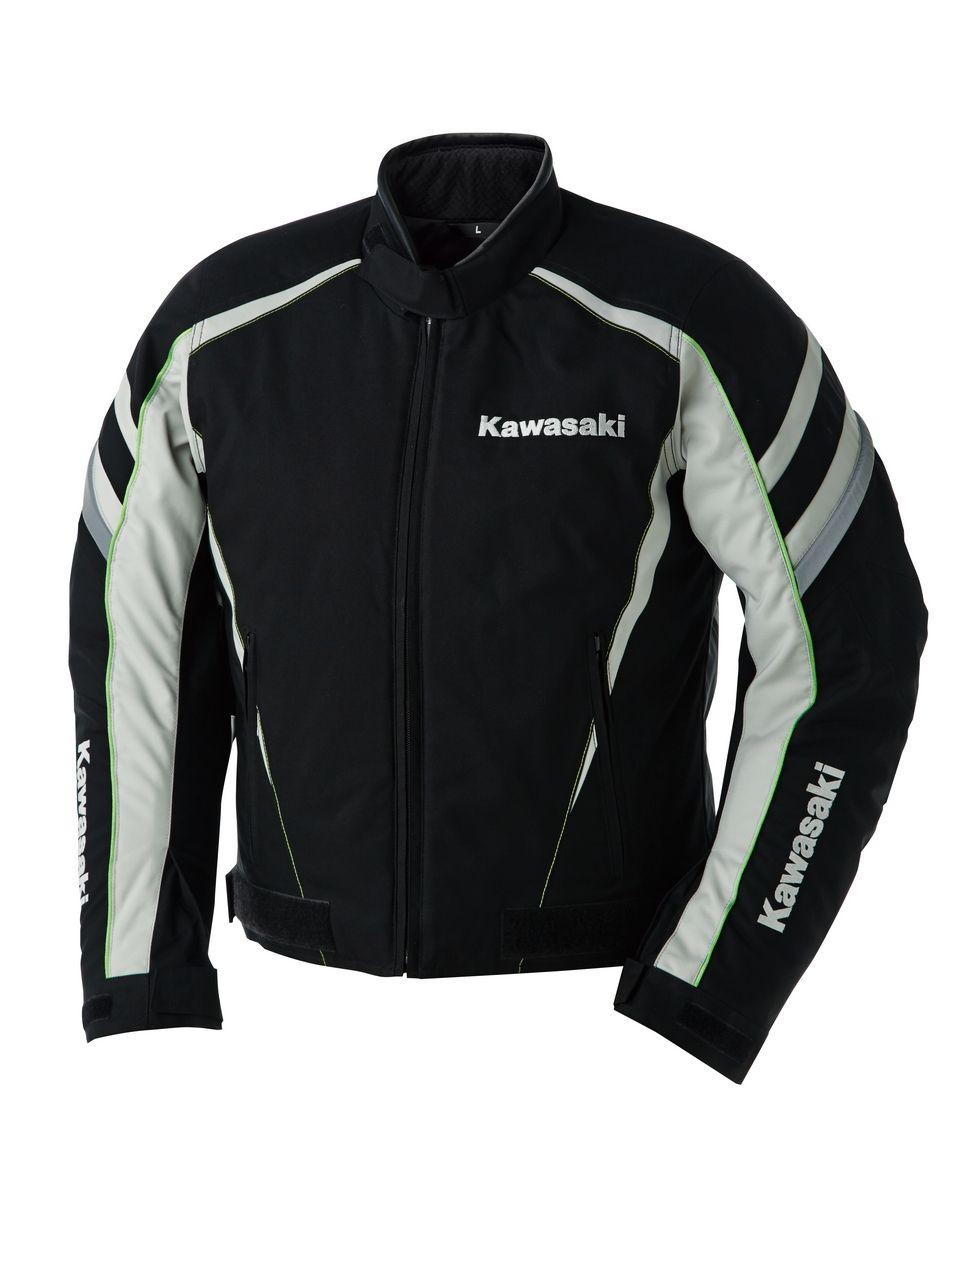 Kawasaki Kawasaki X Goldwin Gws Real Giacca Corta Sportiva J80012504